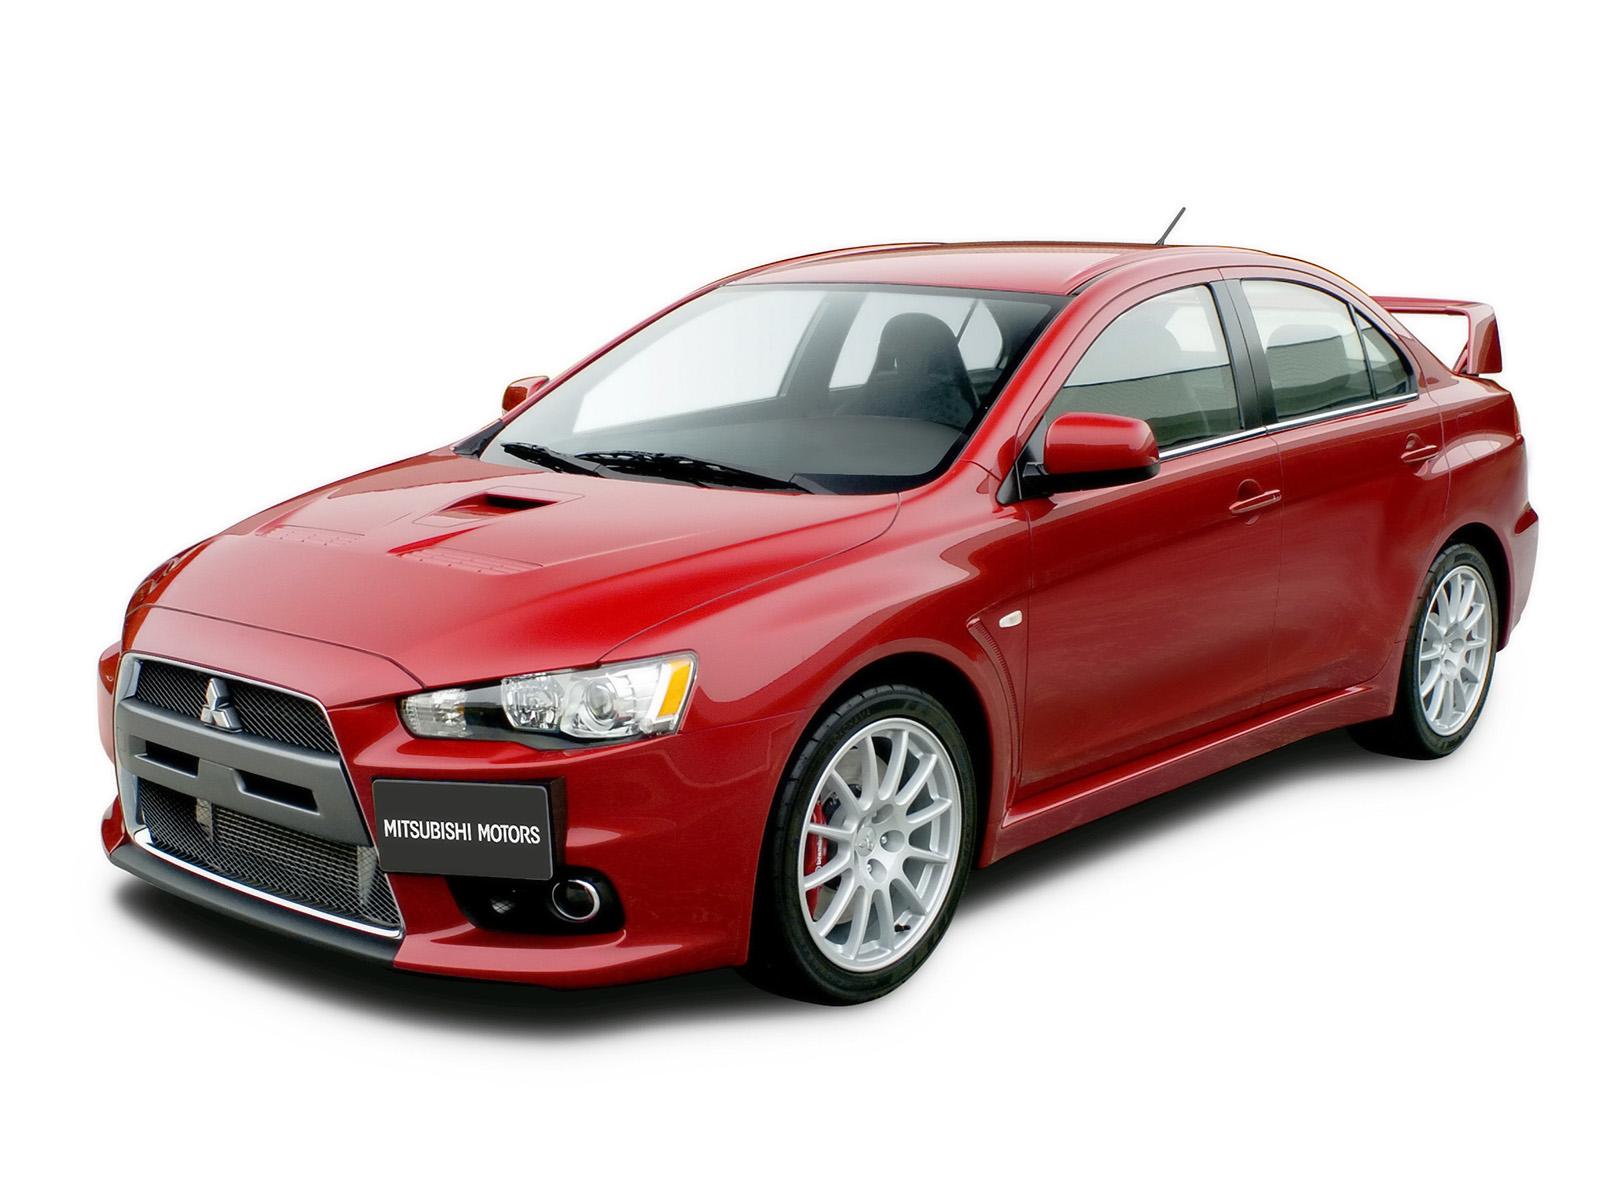 Автомобили Рэно будут торговать под брендом Митсубиши